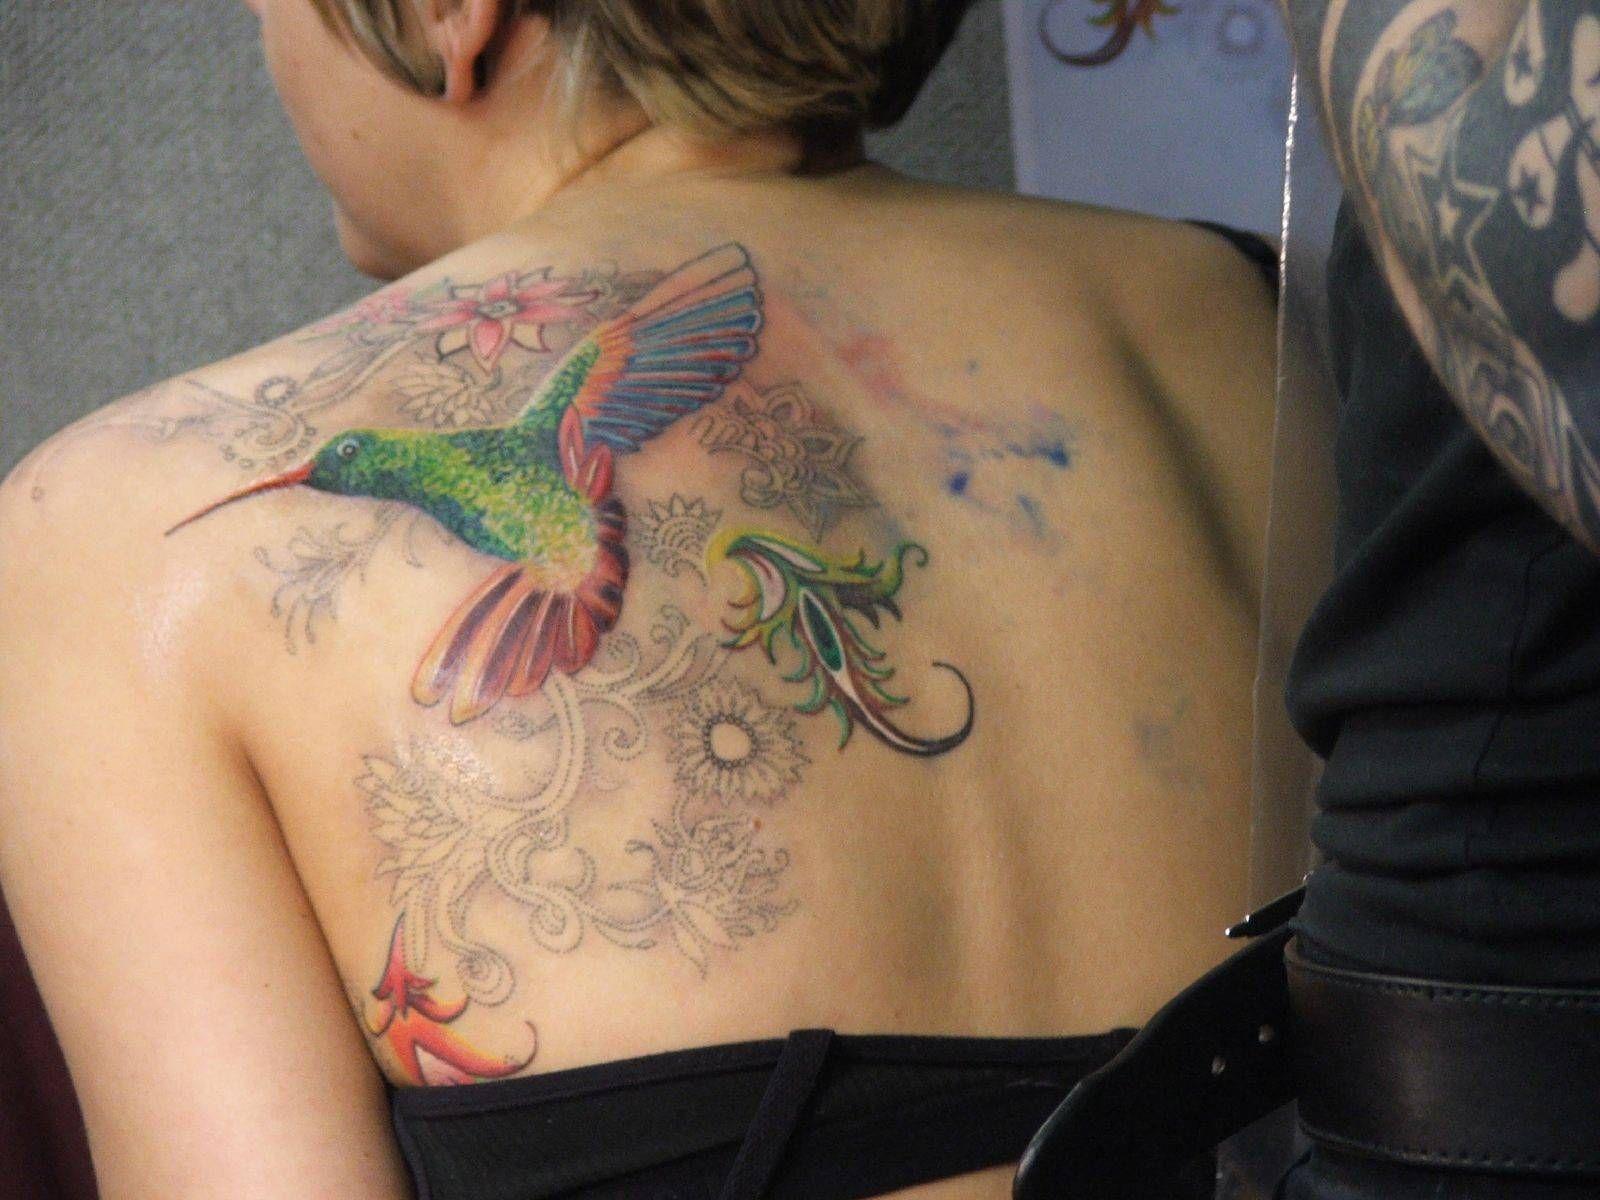 De colibri en la espalda significado tatuaje colibri tatuaje tattoo - Colibri Sin Terminar Pero Lleno De Colores Y Vida Tatuajes